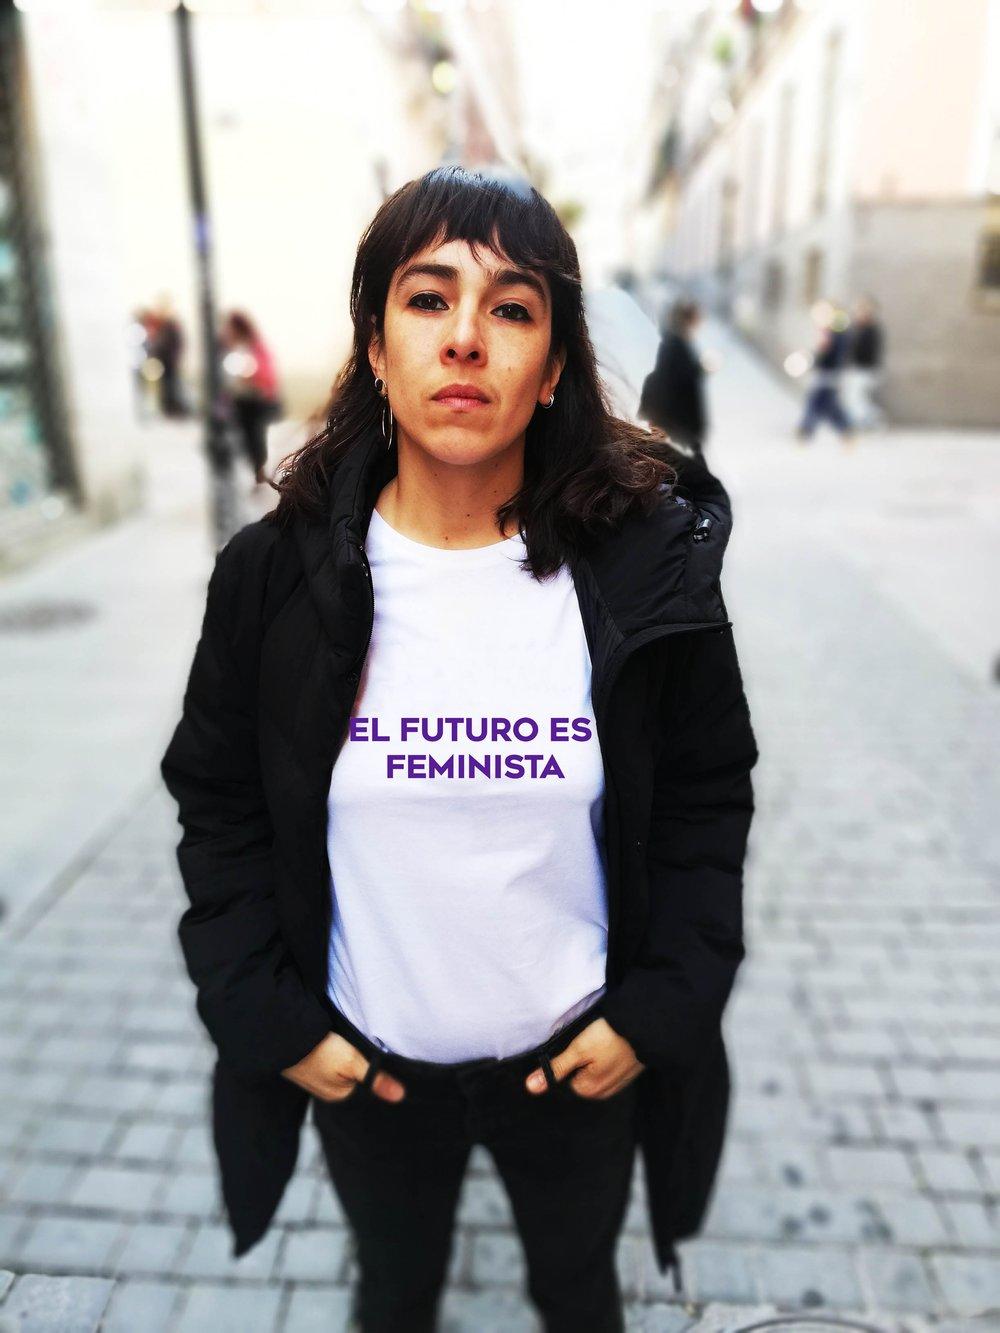 El futuro es feminista